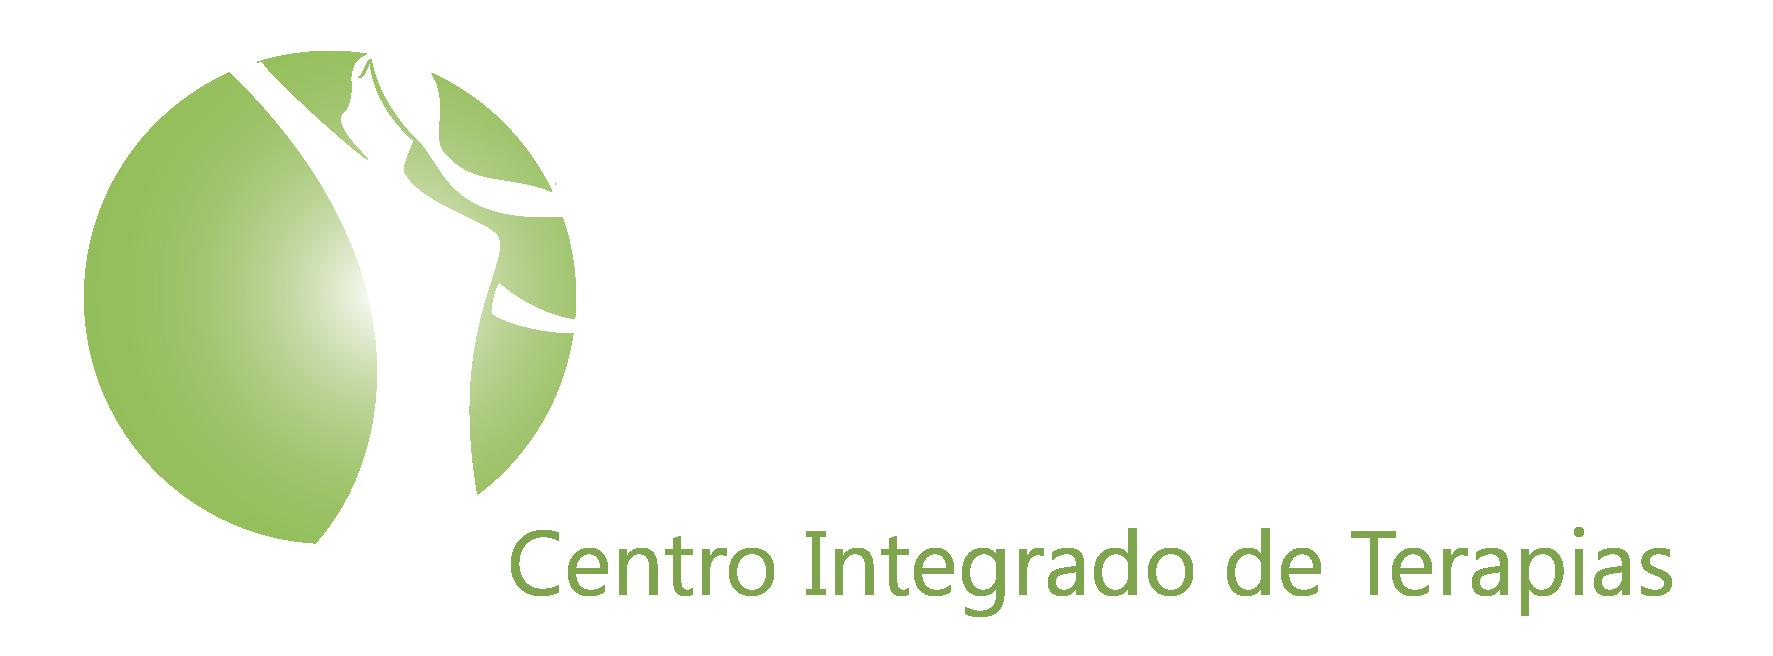 (c) Centrointegradodeterapias.com.br